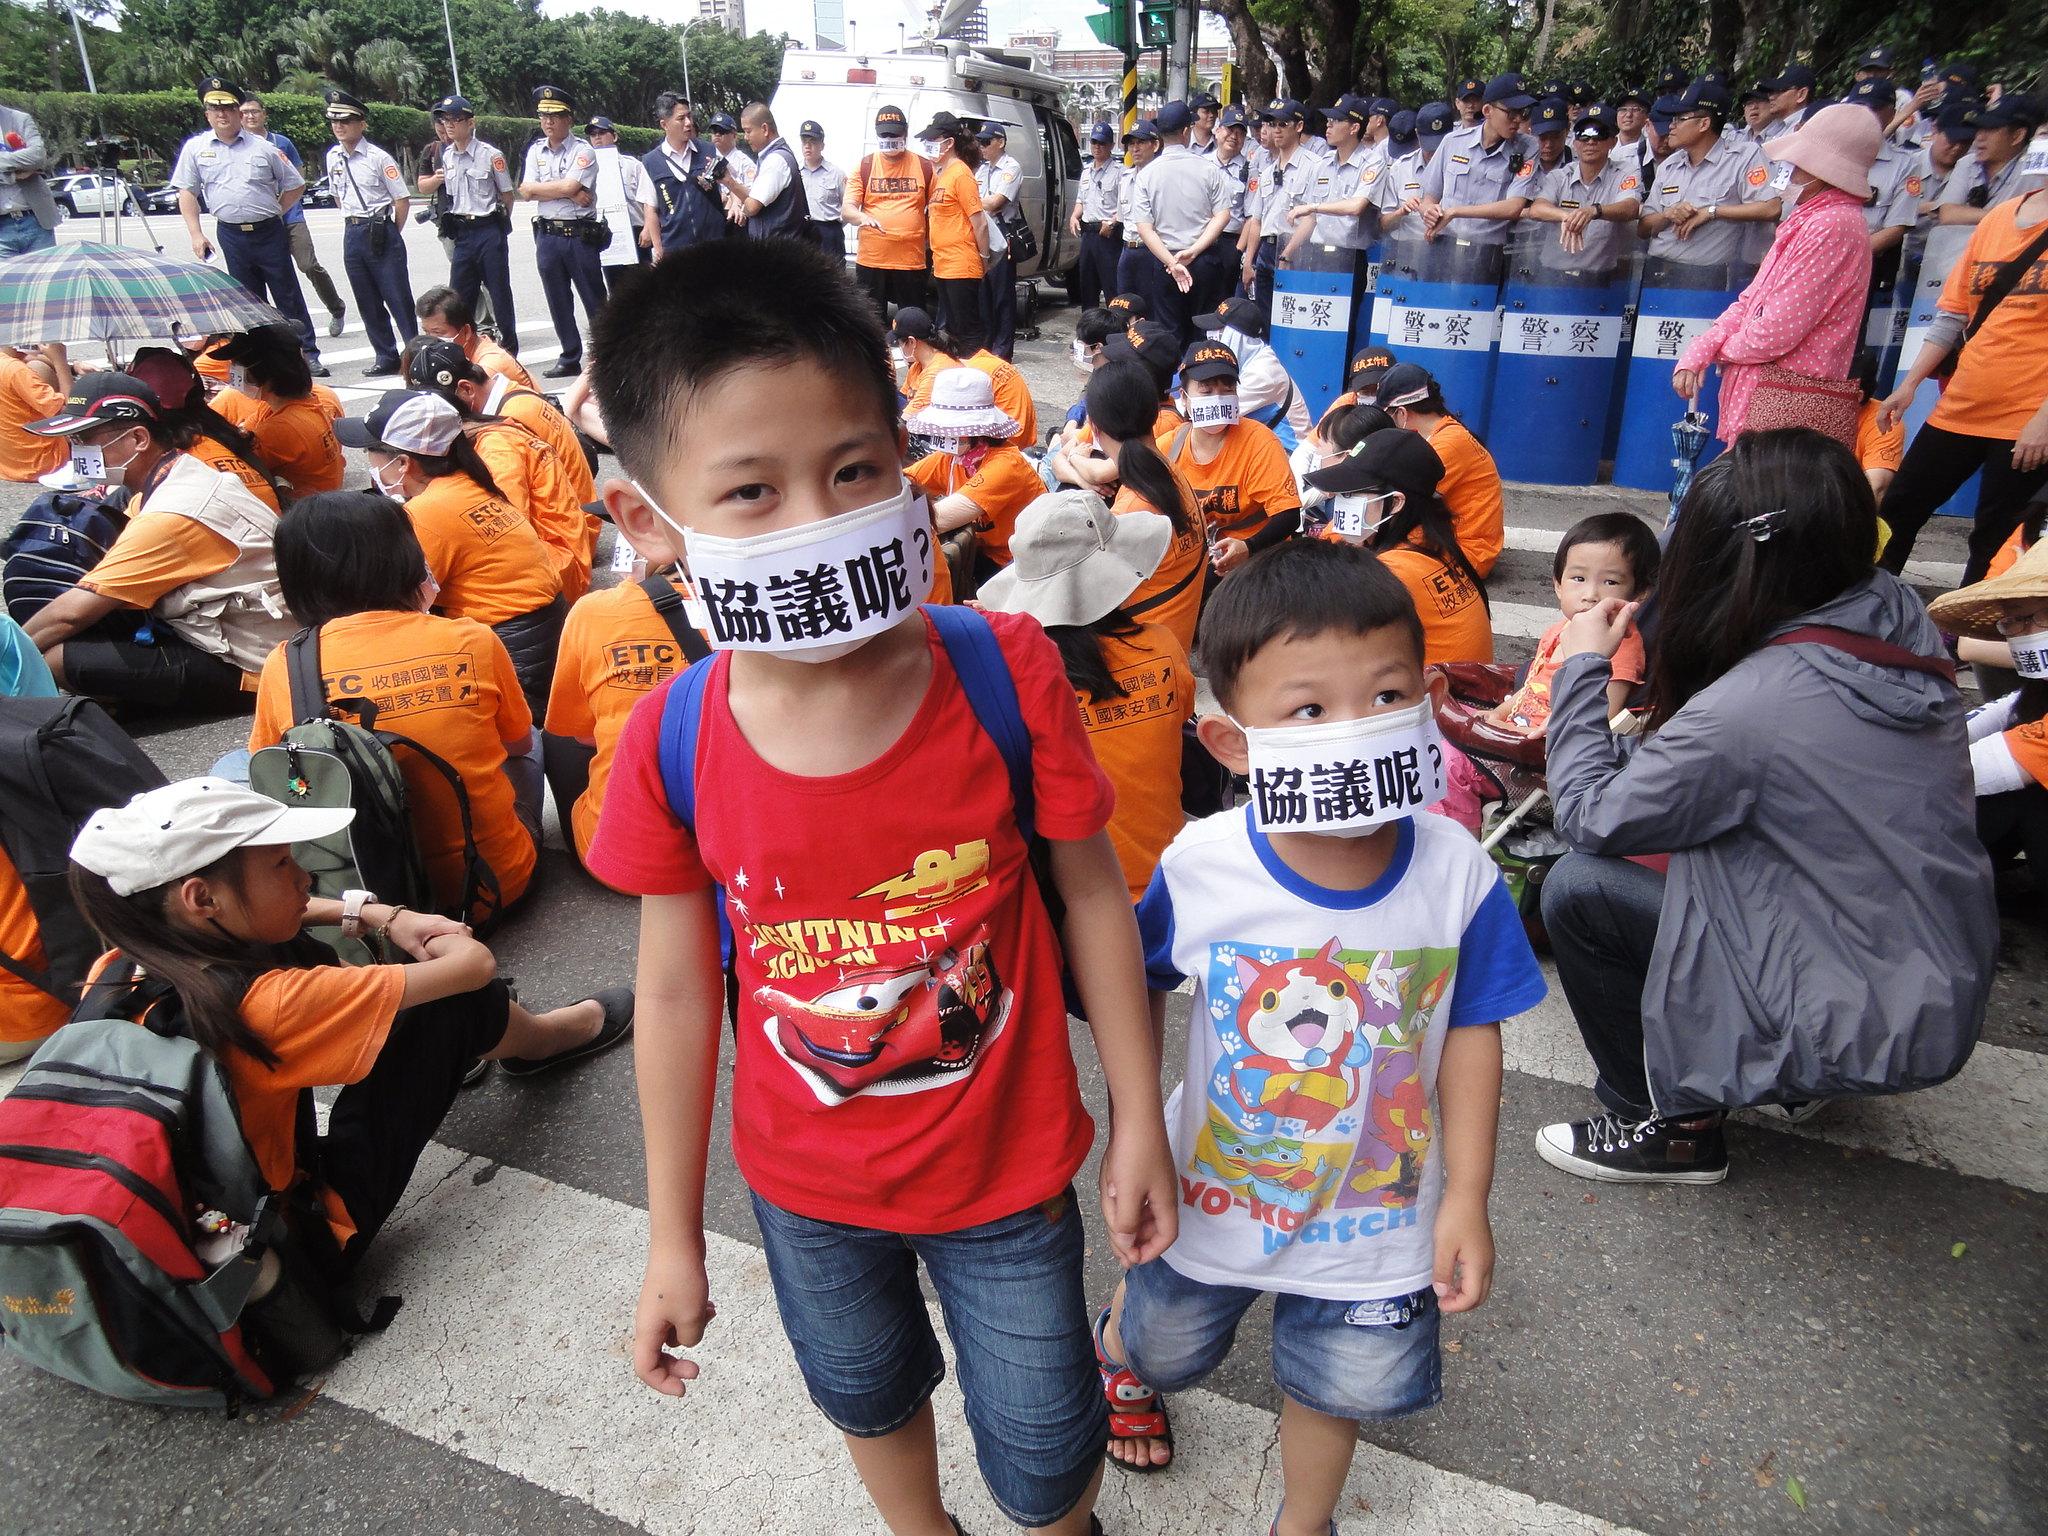 許多會員攜家帶眷抗議,孩子們也戴上「協議呢?」的口罩。(攝影:張智琦)